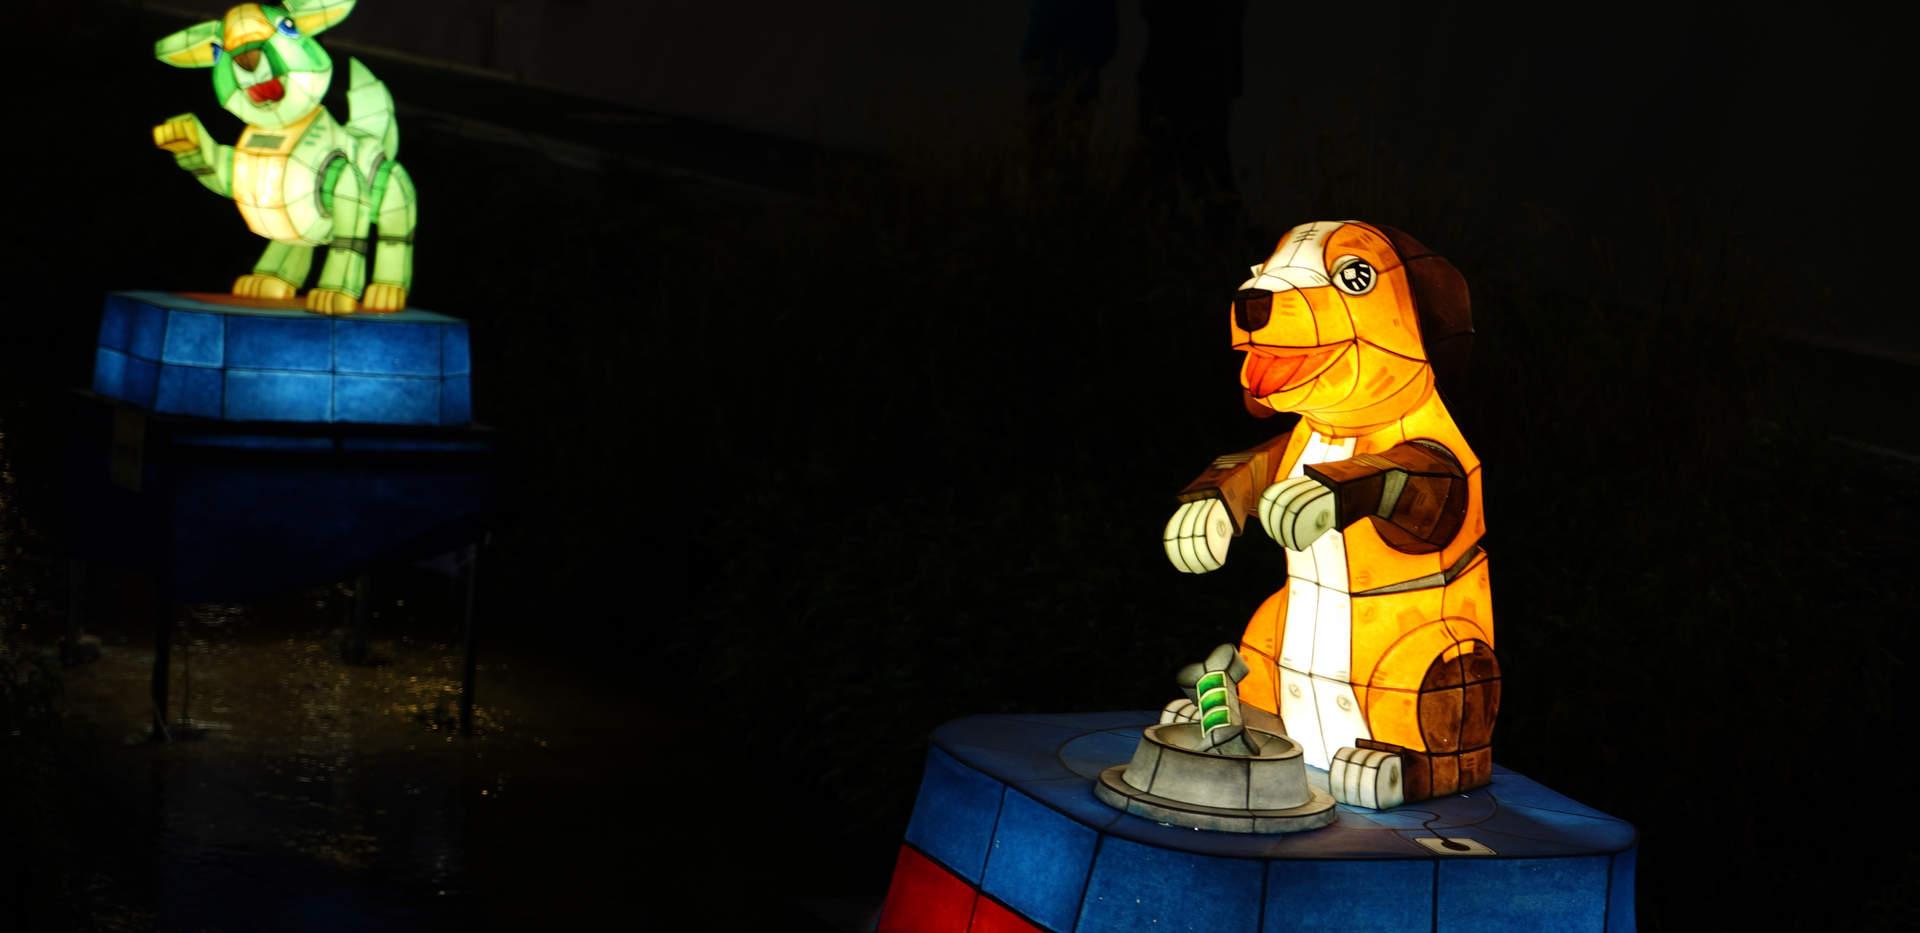 강아지로봇2